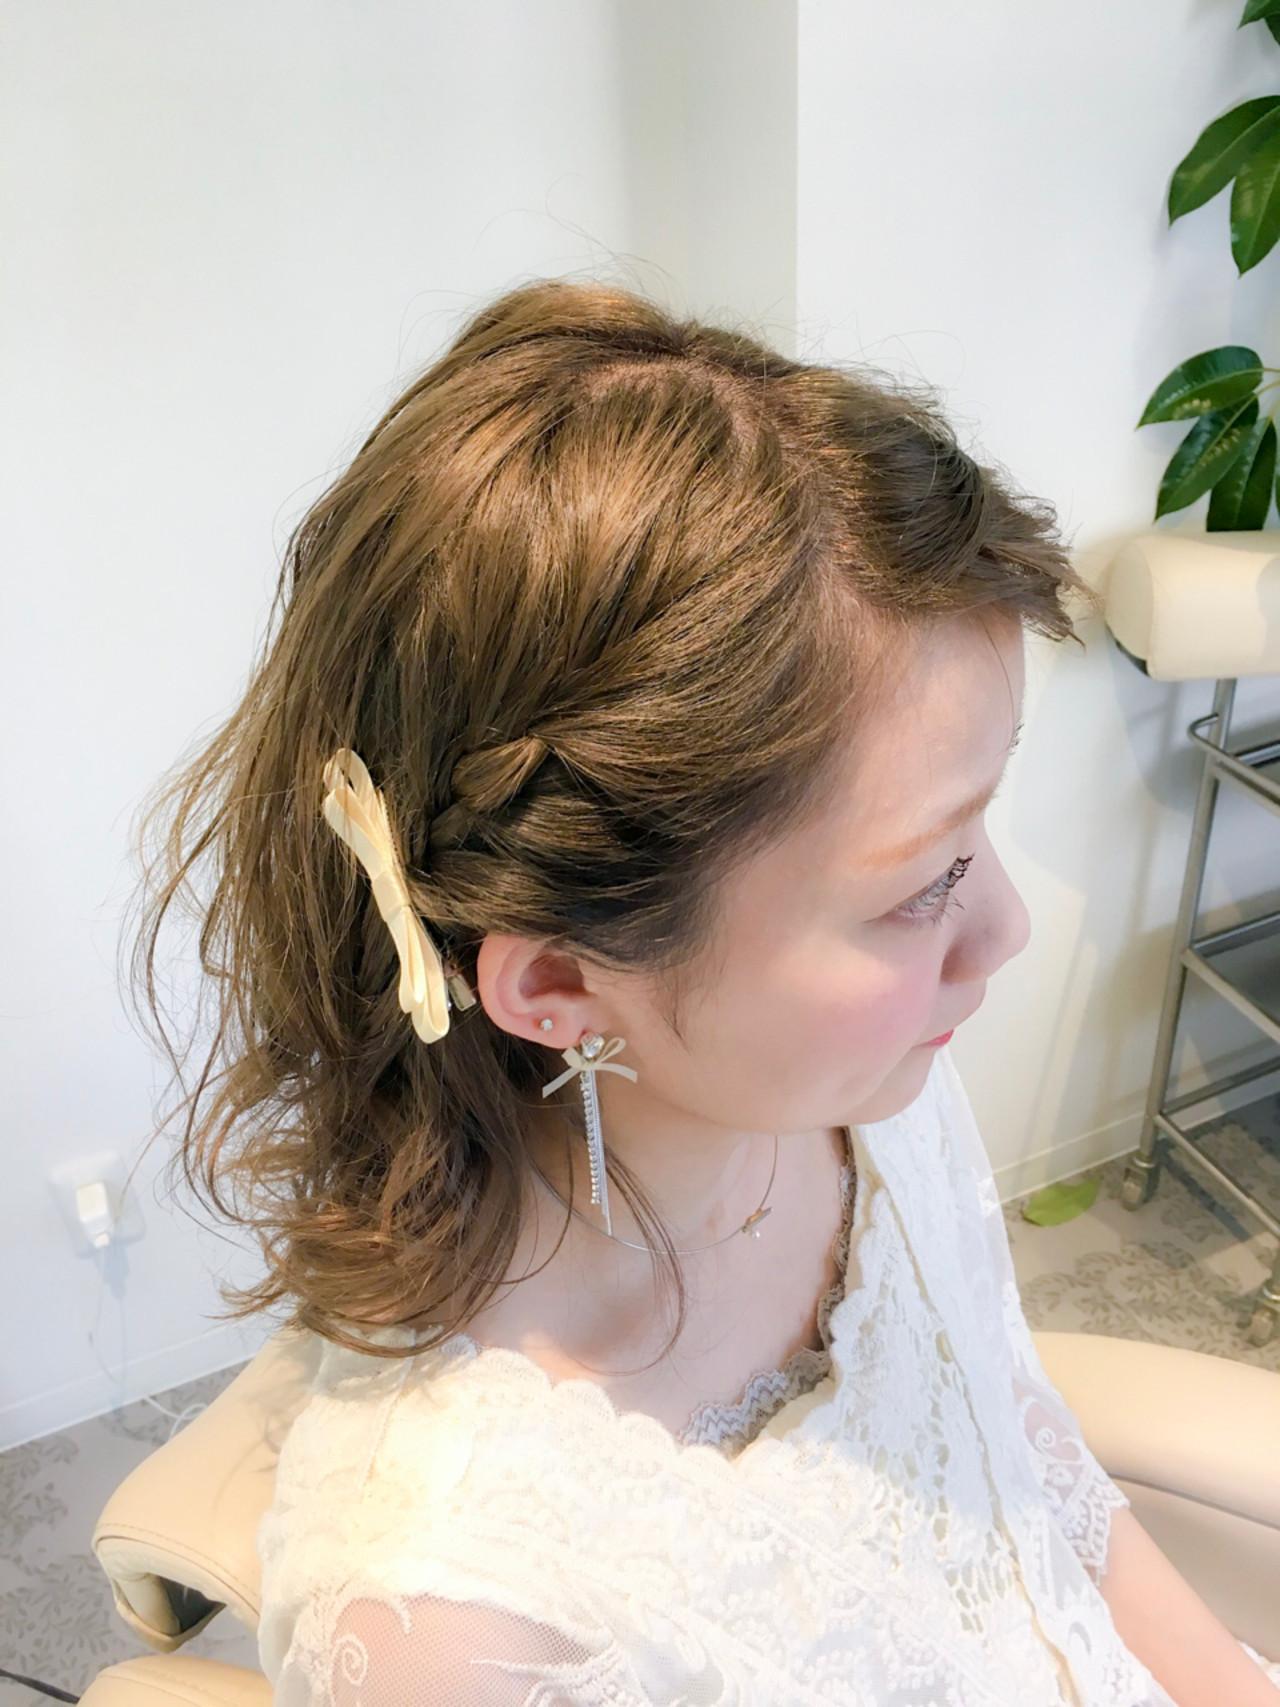 オフィス リラックス ナチュラル アウトドア ヘアスタイルや髪型の写真・画像